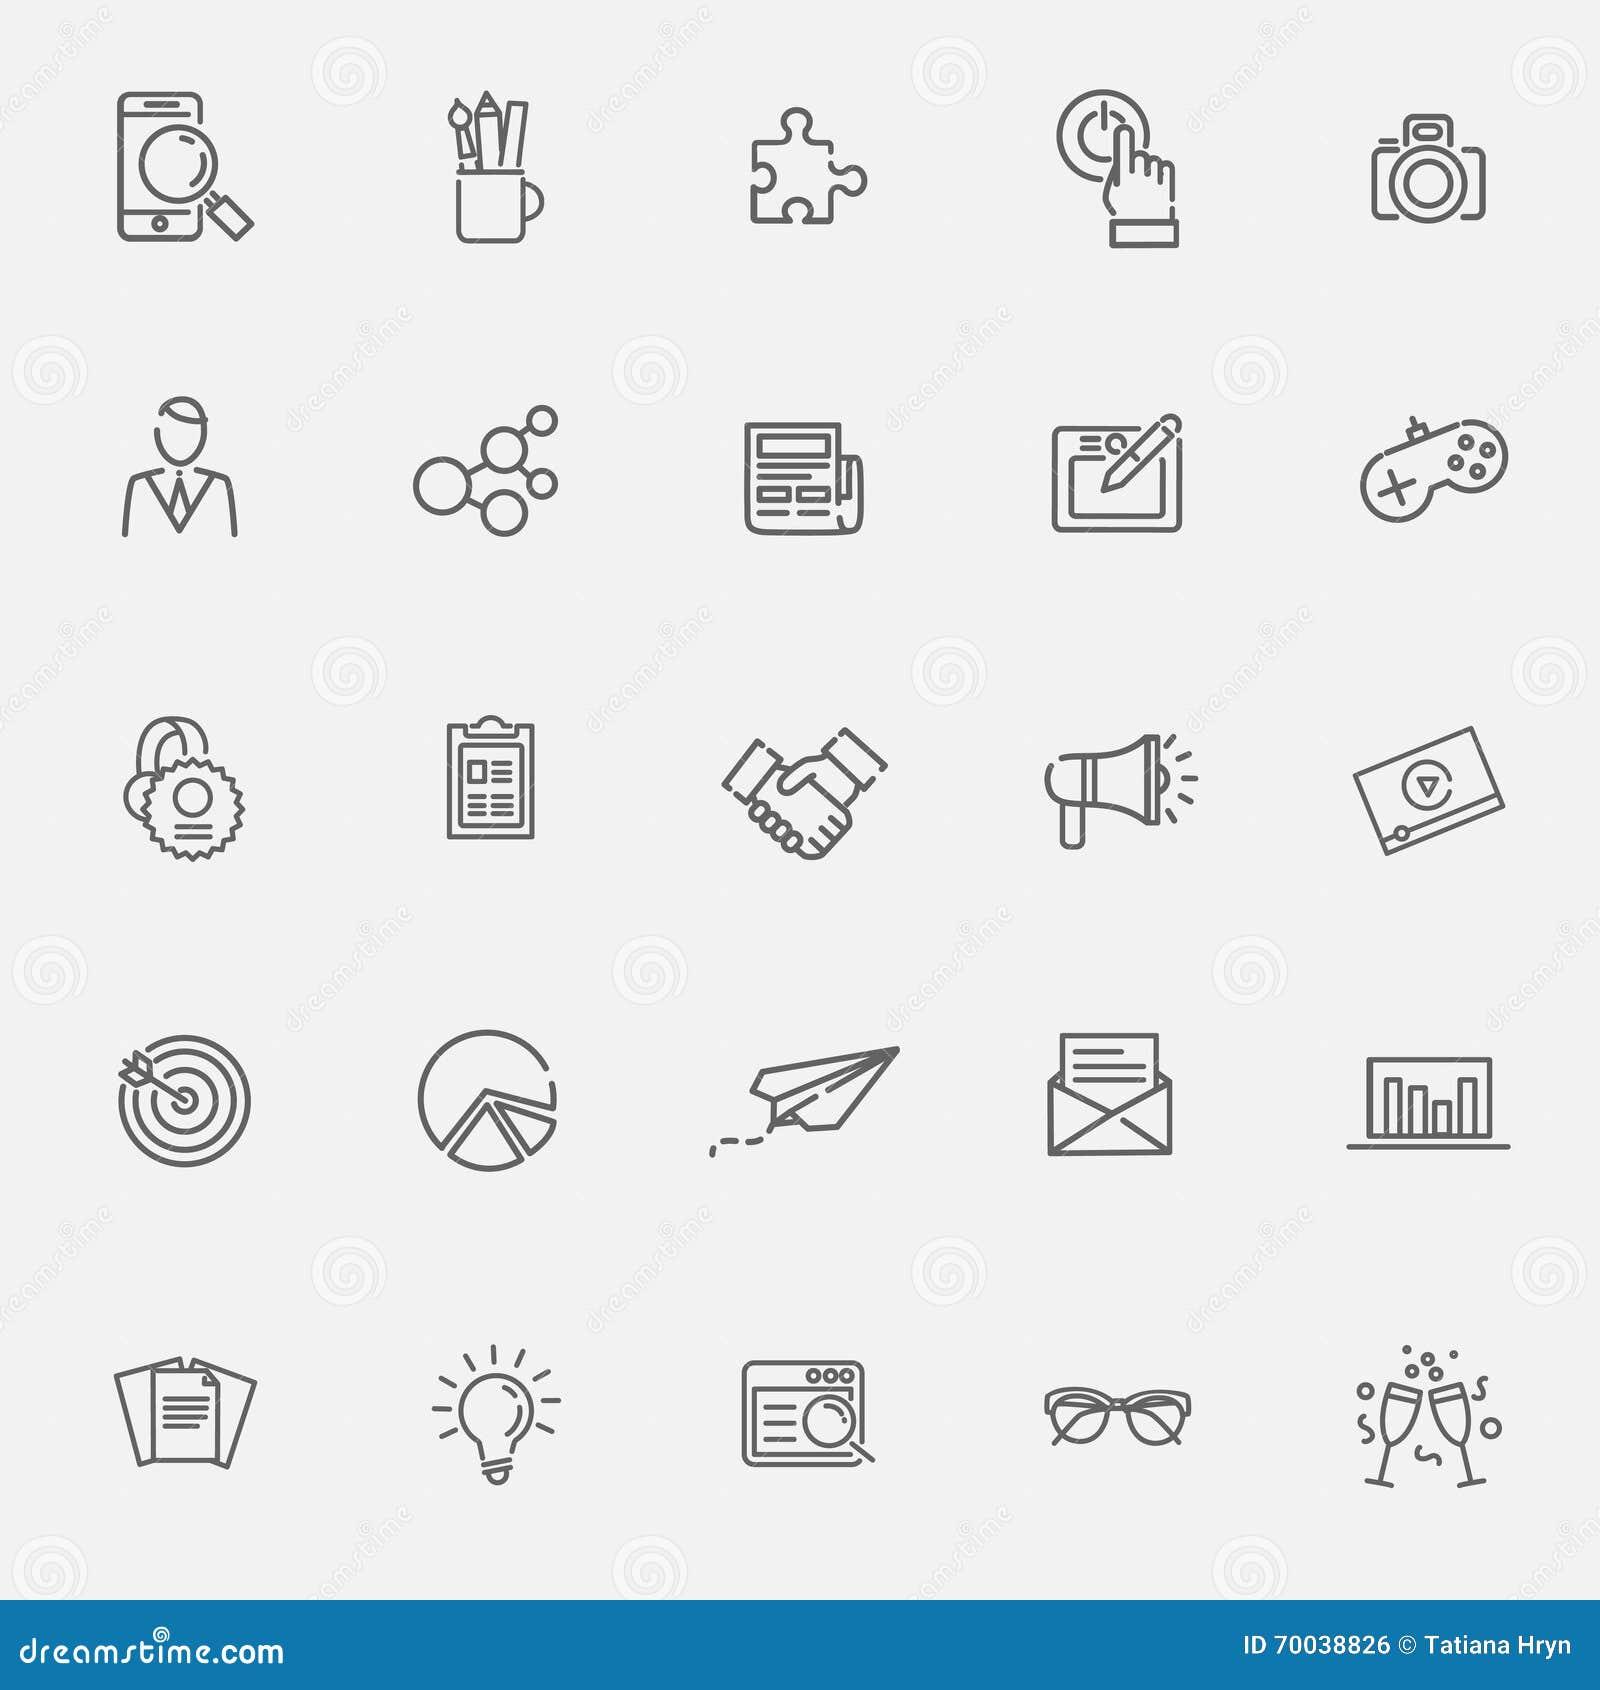 Dunne geplaatste Lijnpictogrammen Pictogrammen voor zaken, digitale marketing